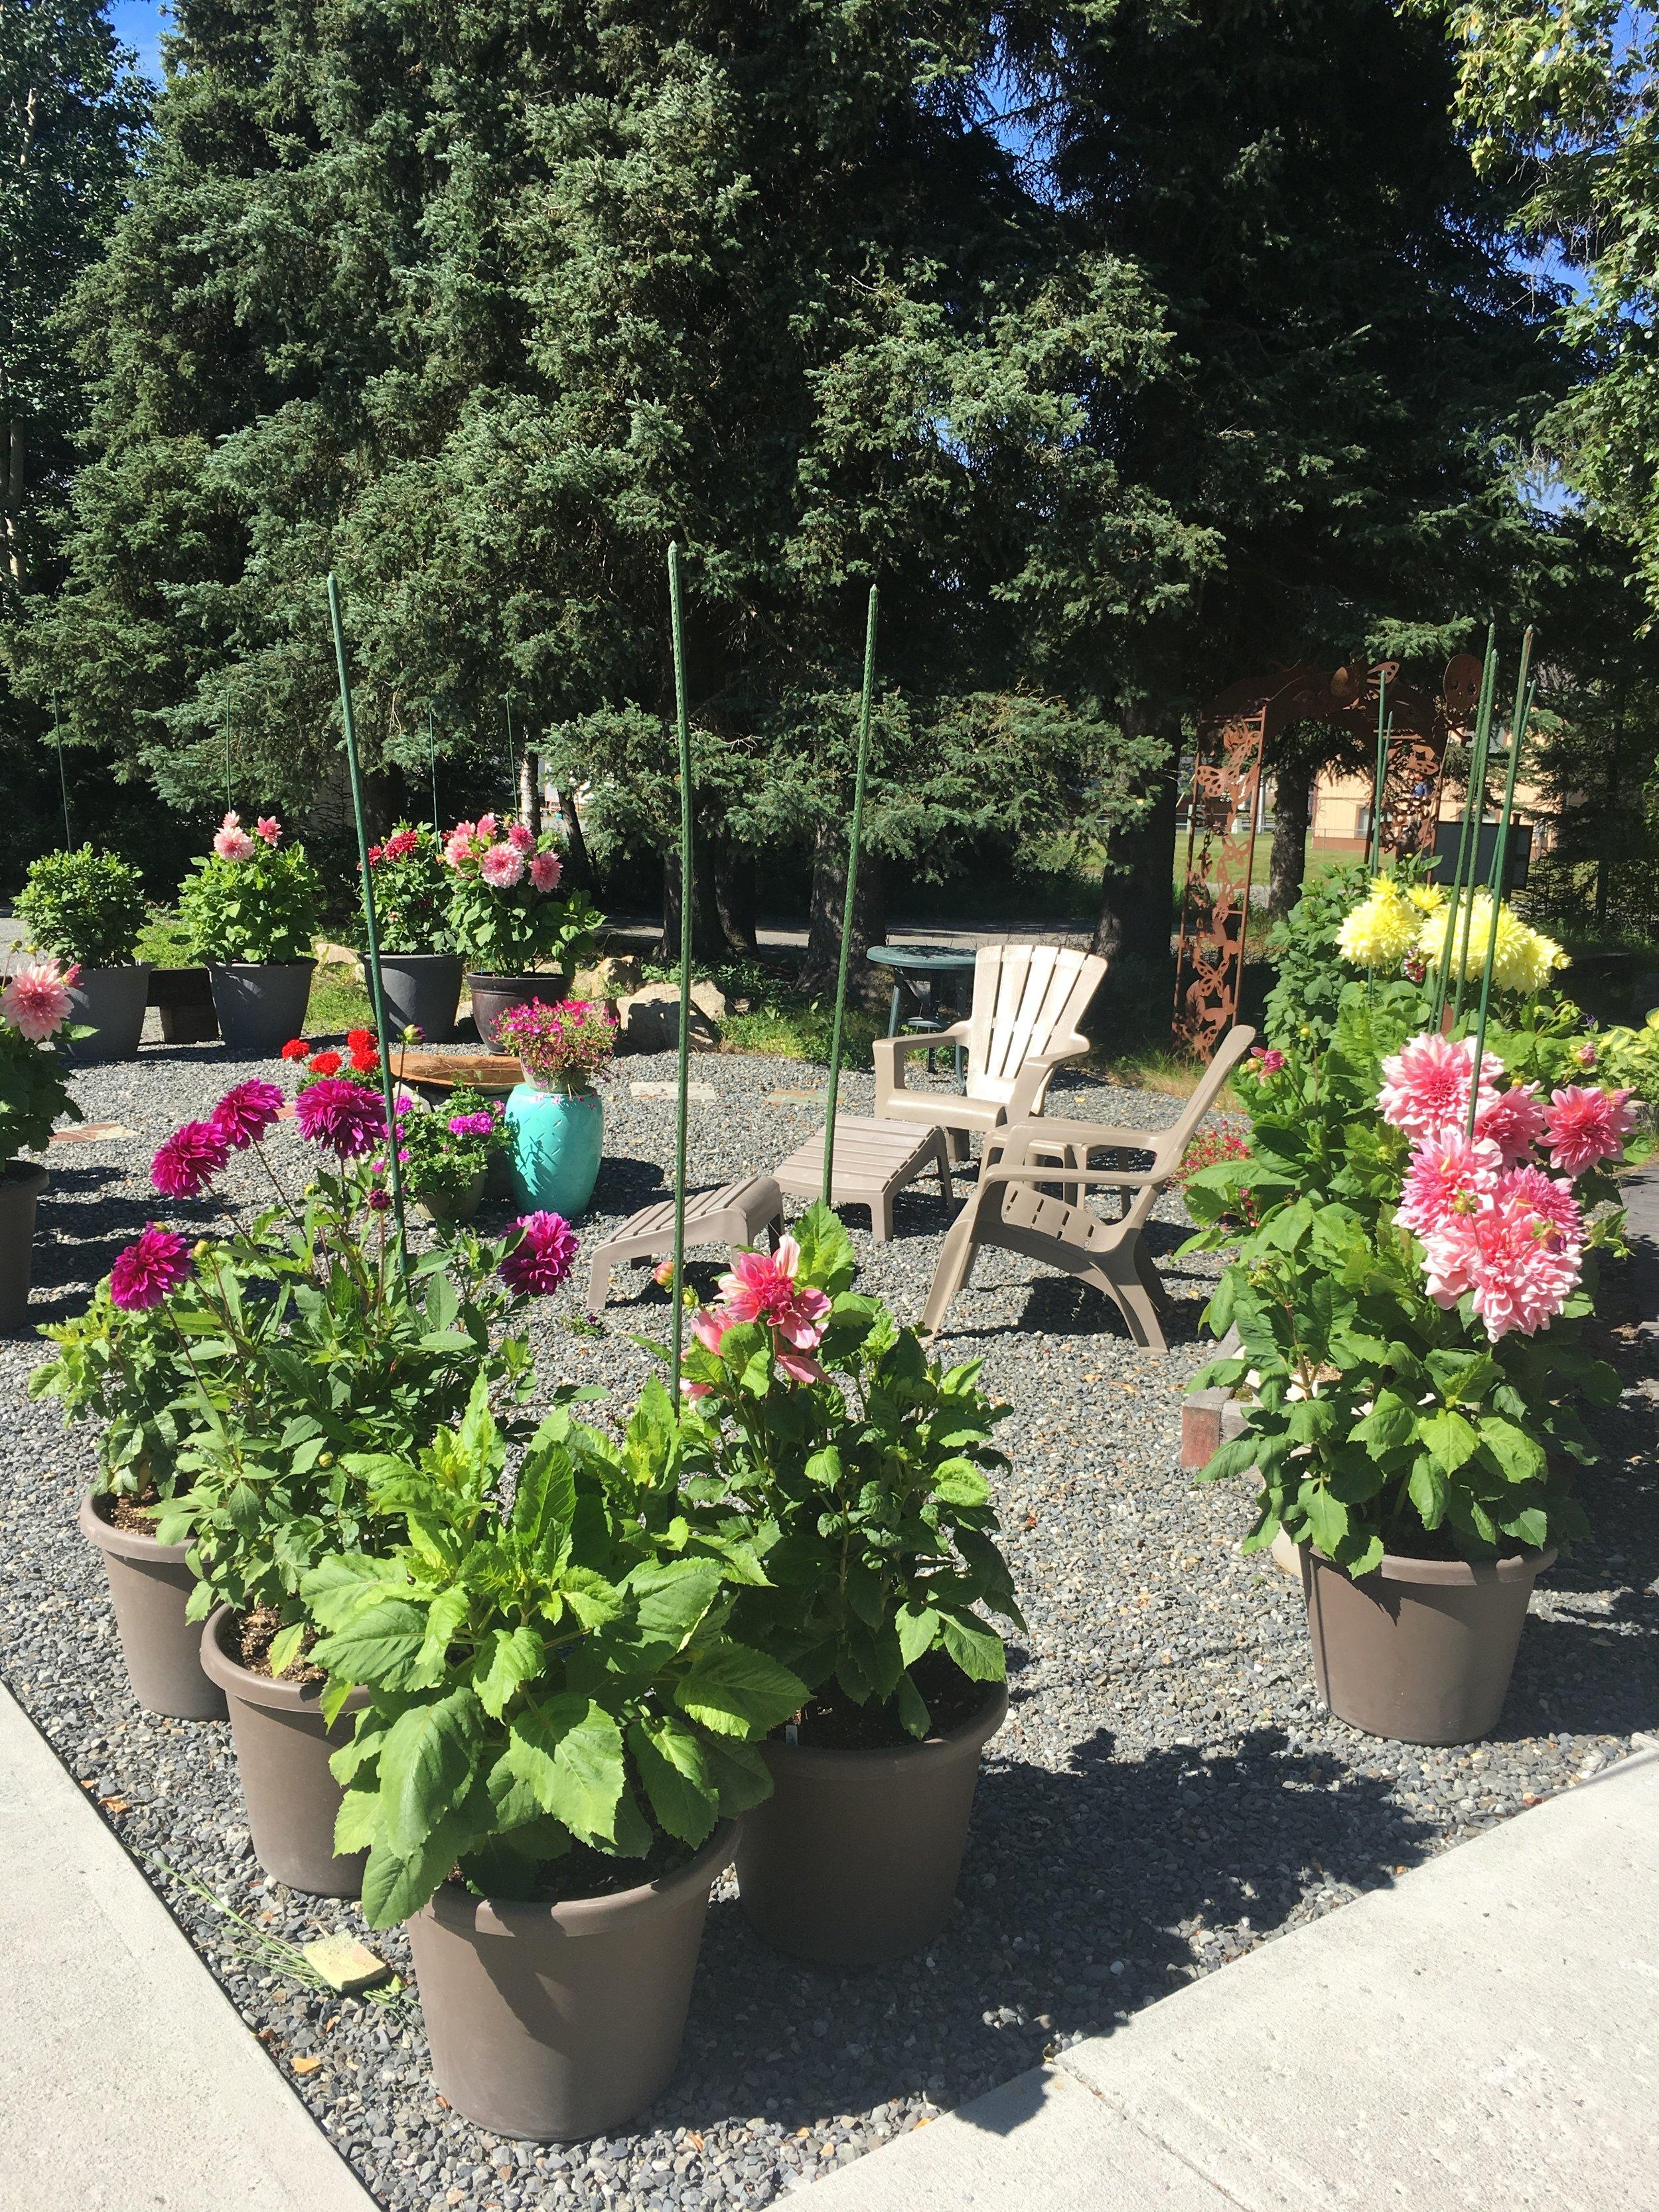 Our patio area and dahlia garden.